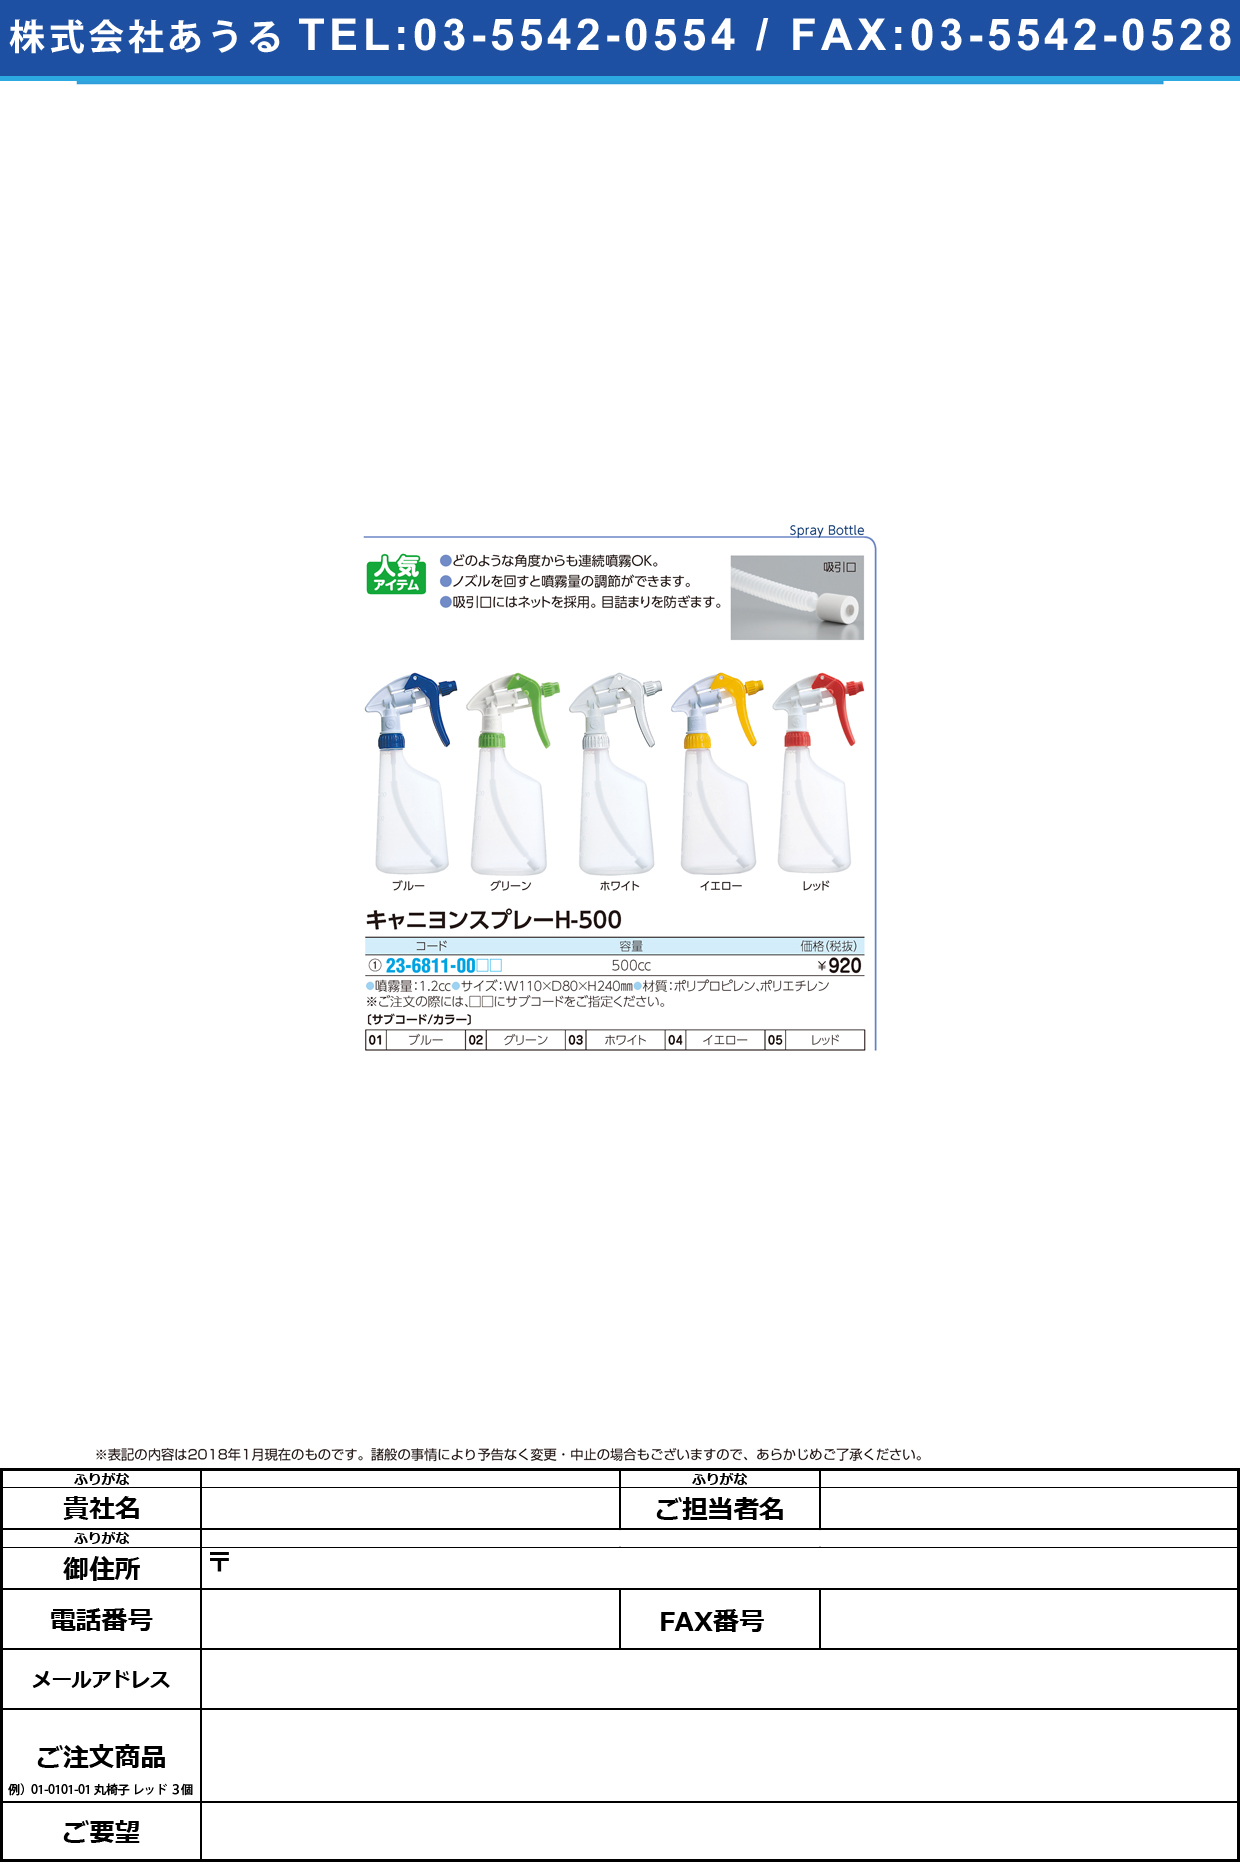 (23-6811-00)キャニヨンスプレー H-500(500CC) キャニヨンスプレー ブルー(山崎産業)【1個単位】【2018年カタログ商品】